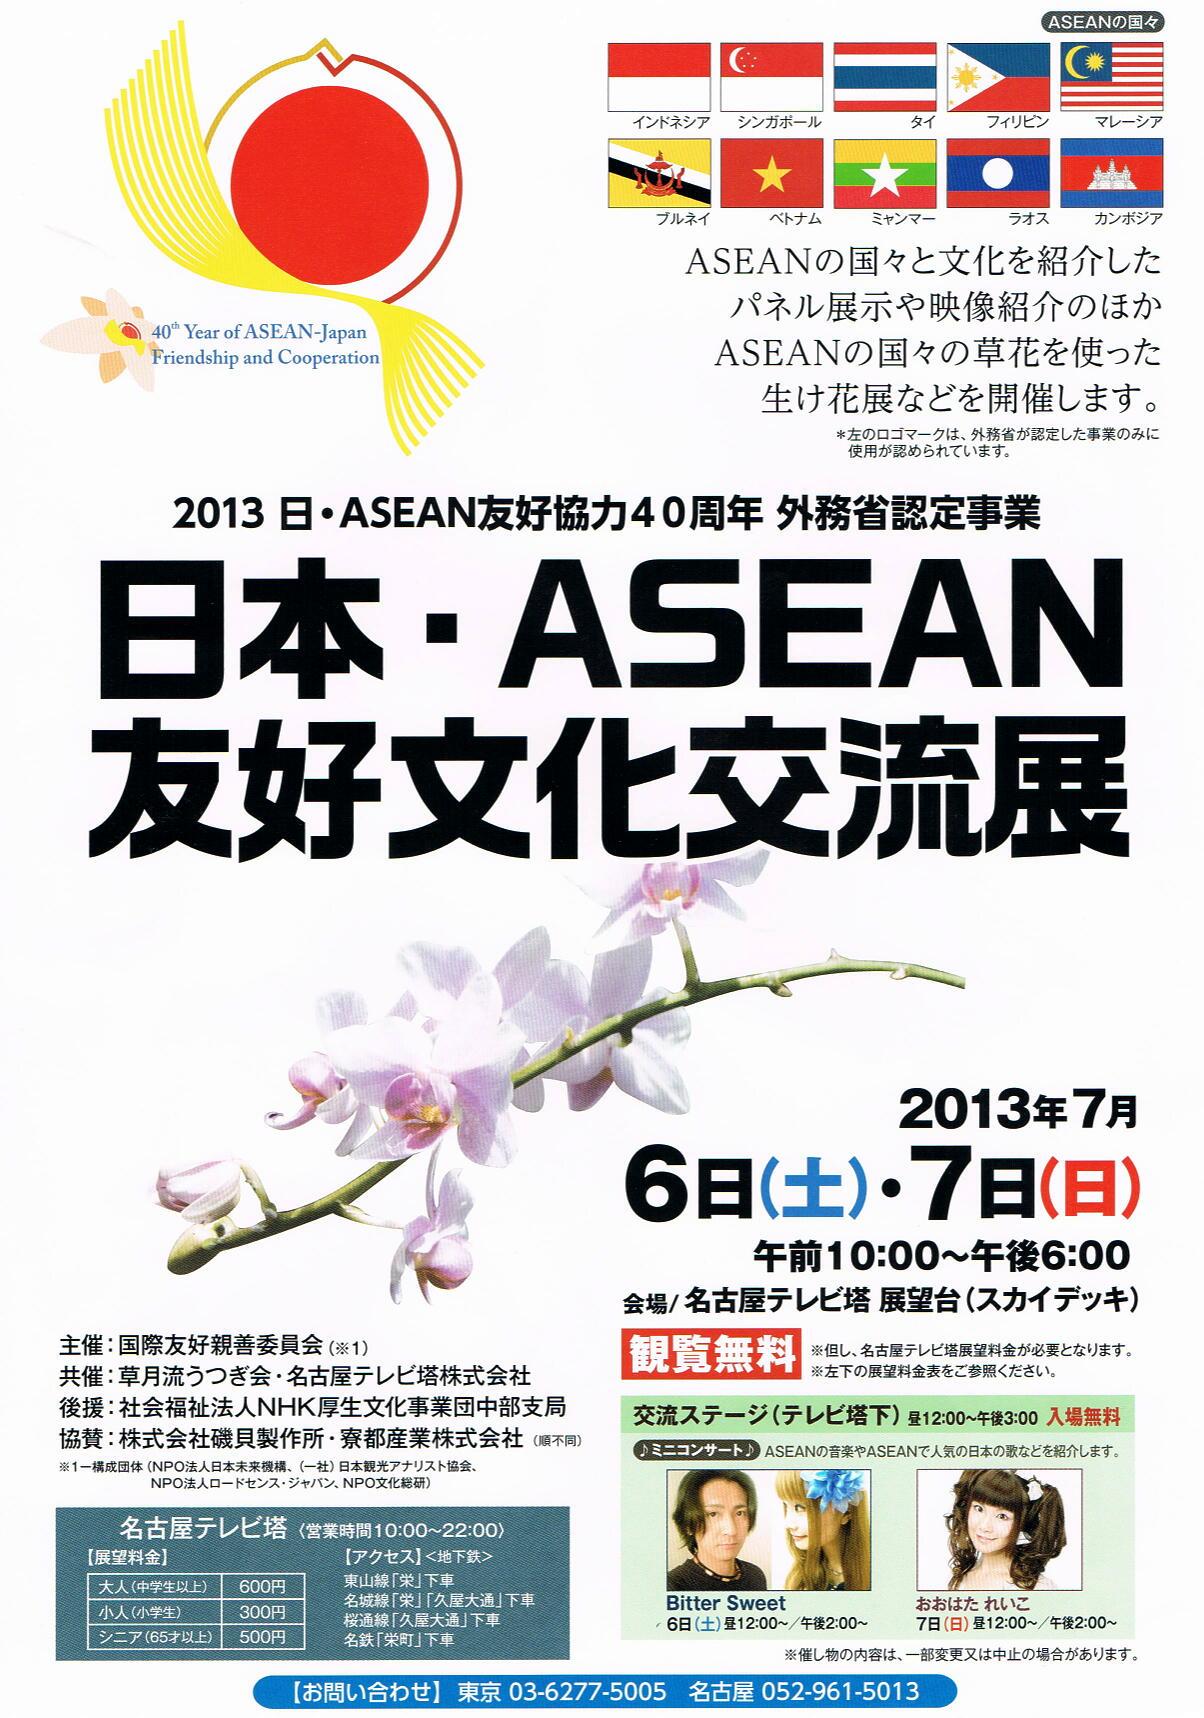 日本・ASEAN友好文化交流展